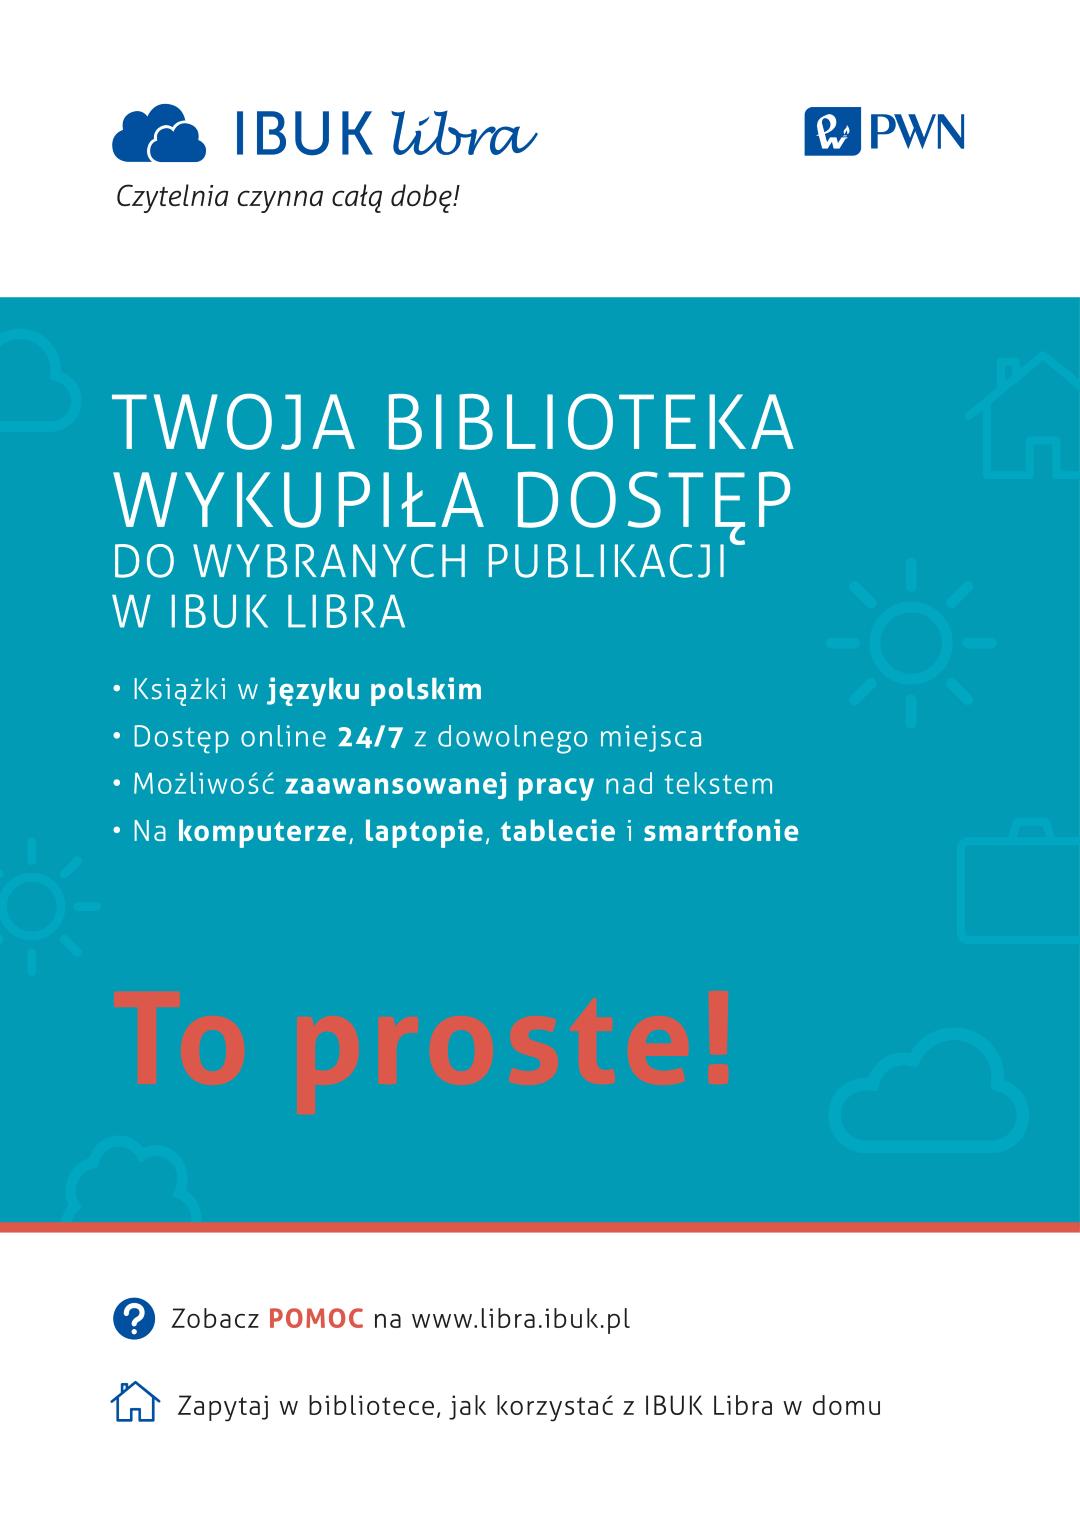 http://m.82-200.pl/2019/10/orig/libra-5013.png